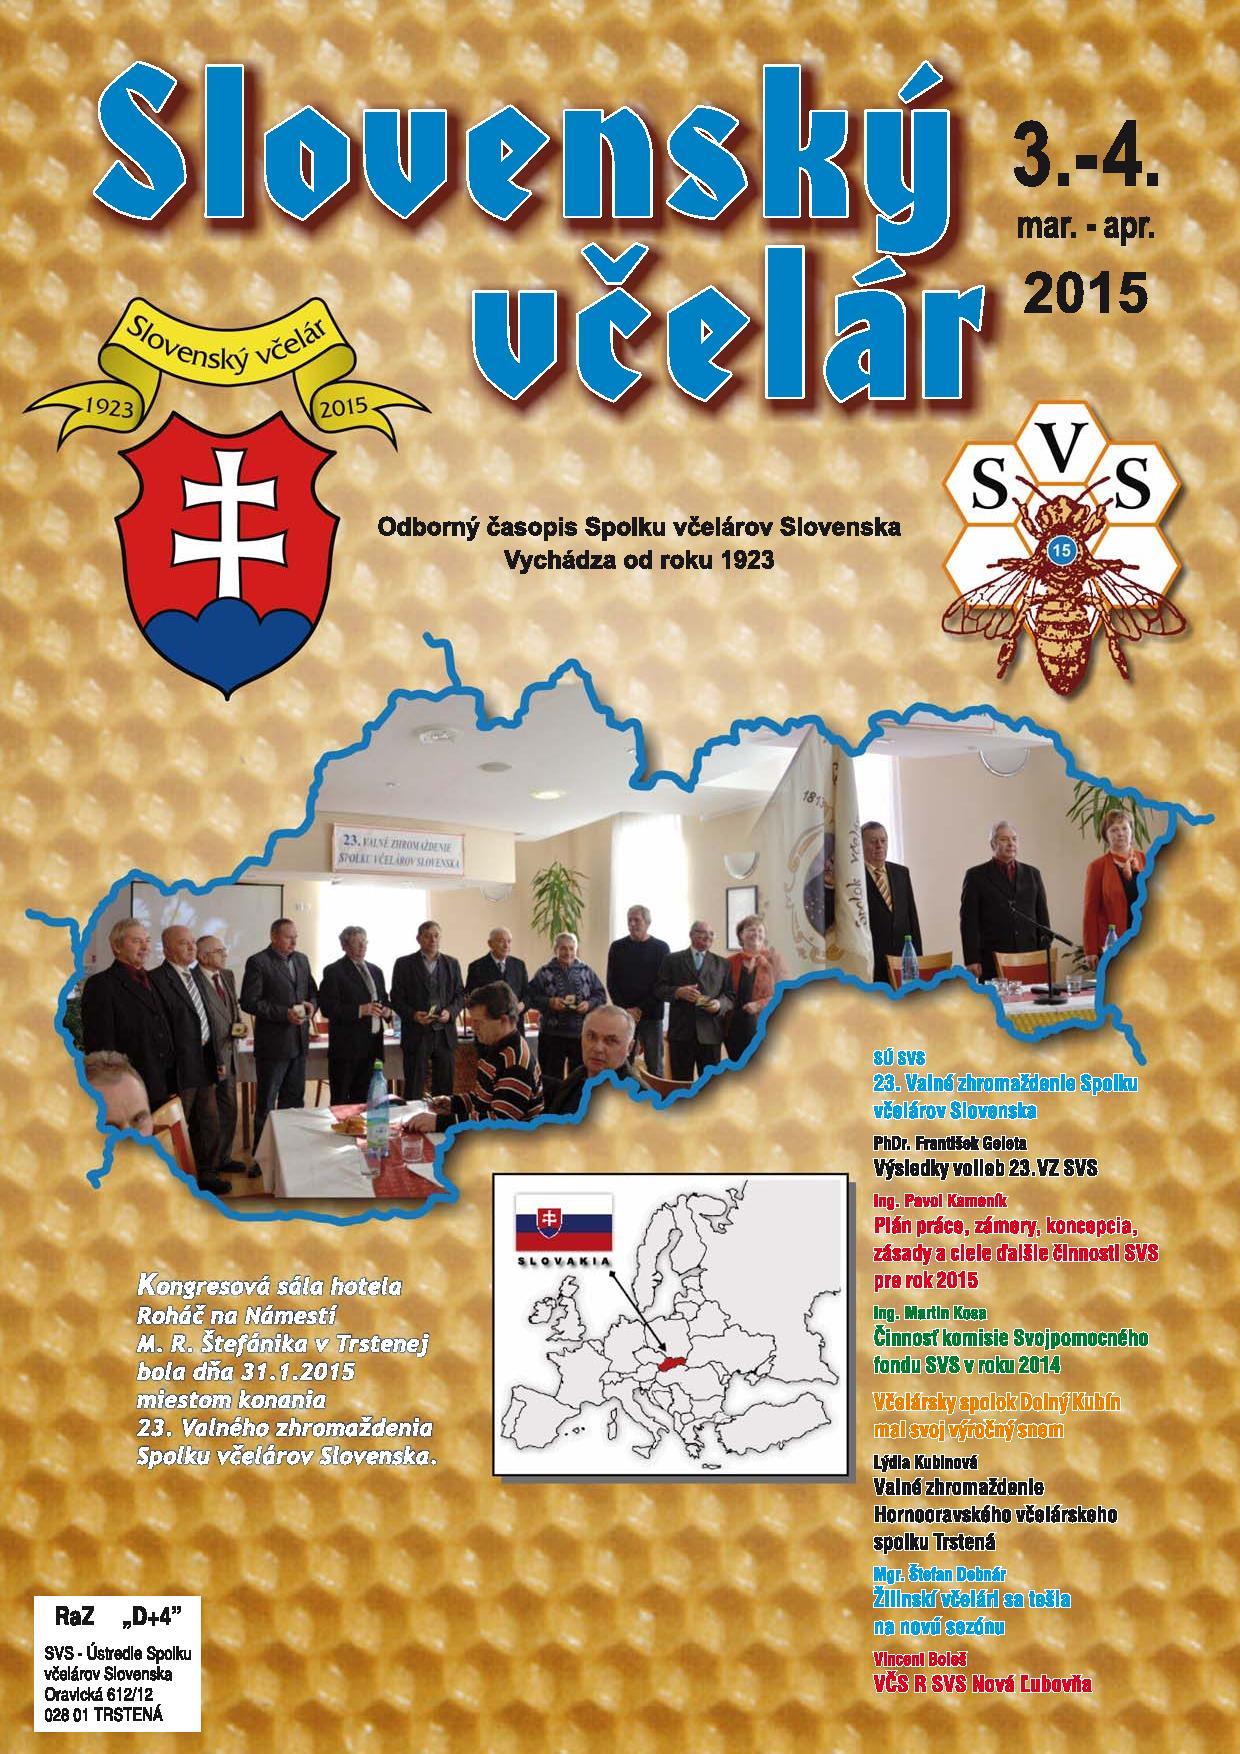 Slovensky_vcelar_03_04_2015